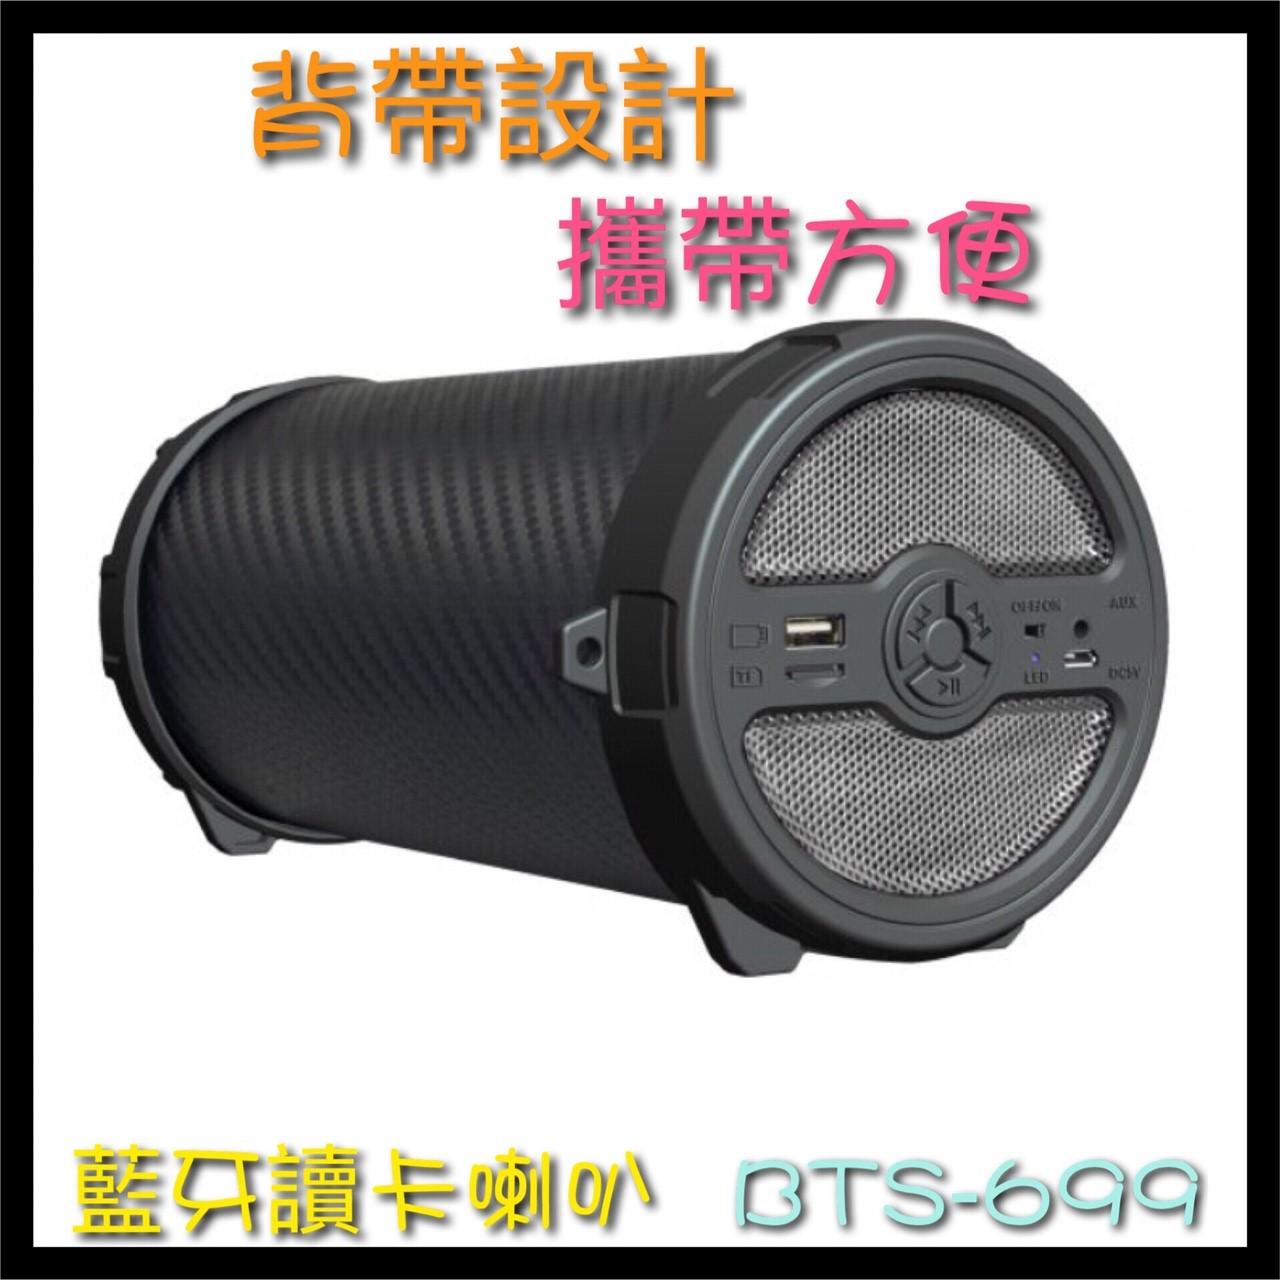 喇叭 耐嘉 KINYO BTS-699 藍牙讀卡喇叭 音響 藍芽 藍芽喇叭 支援USB/隨身碟/TF卡/AUX/FM